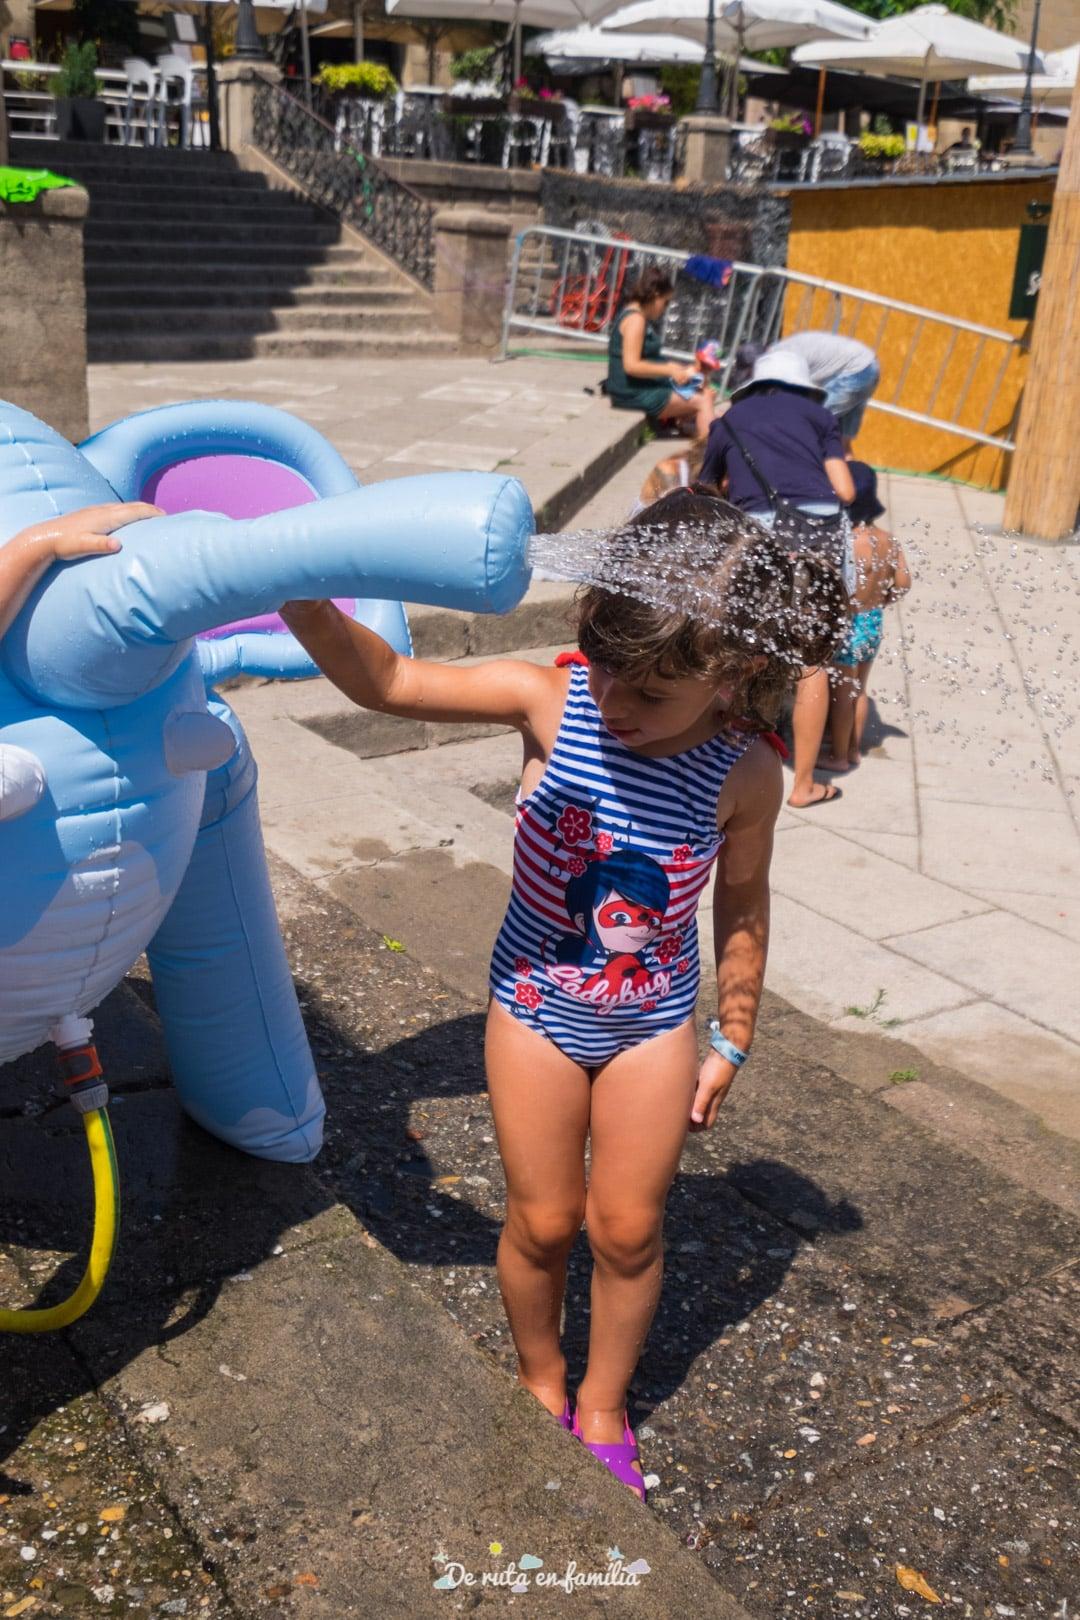 Splash. Fiesta del agua en el Poble Espanyol de Barcelona